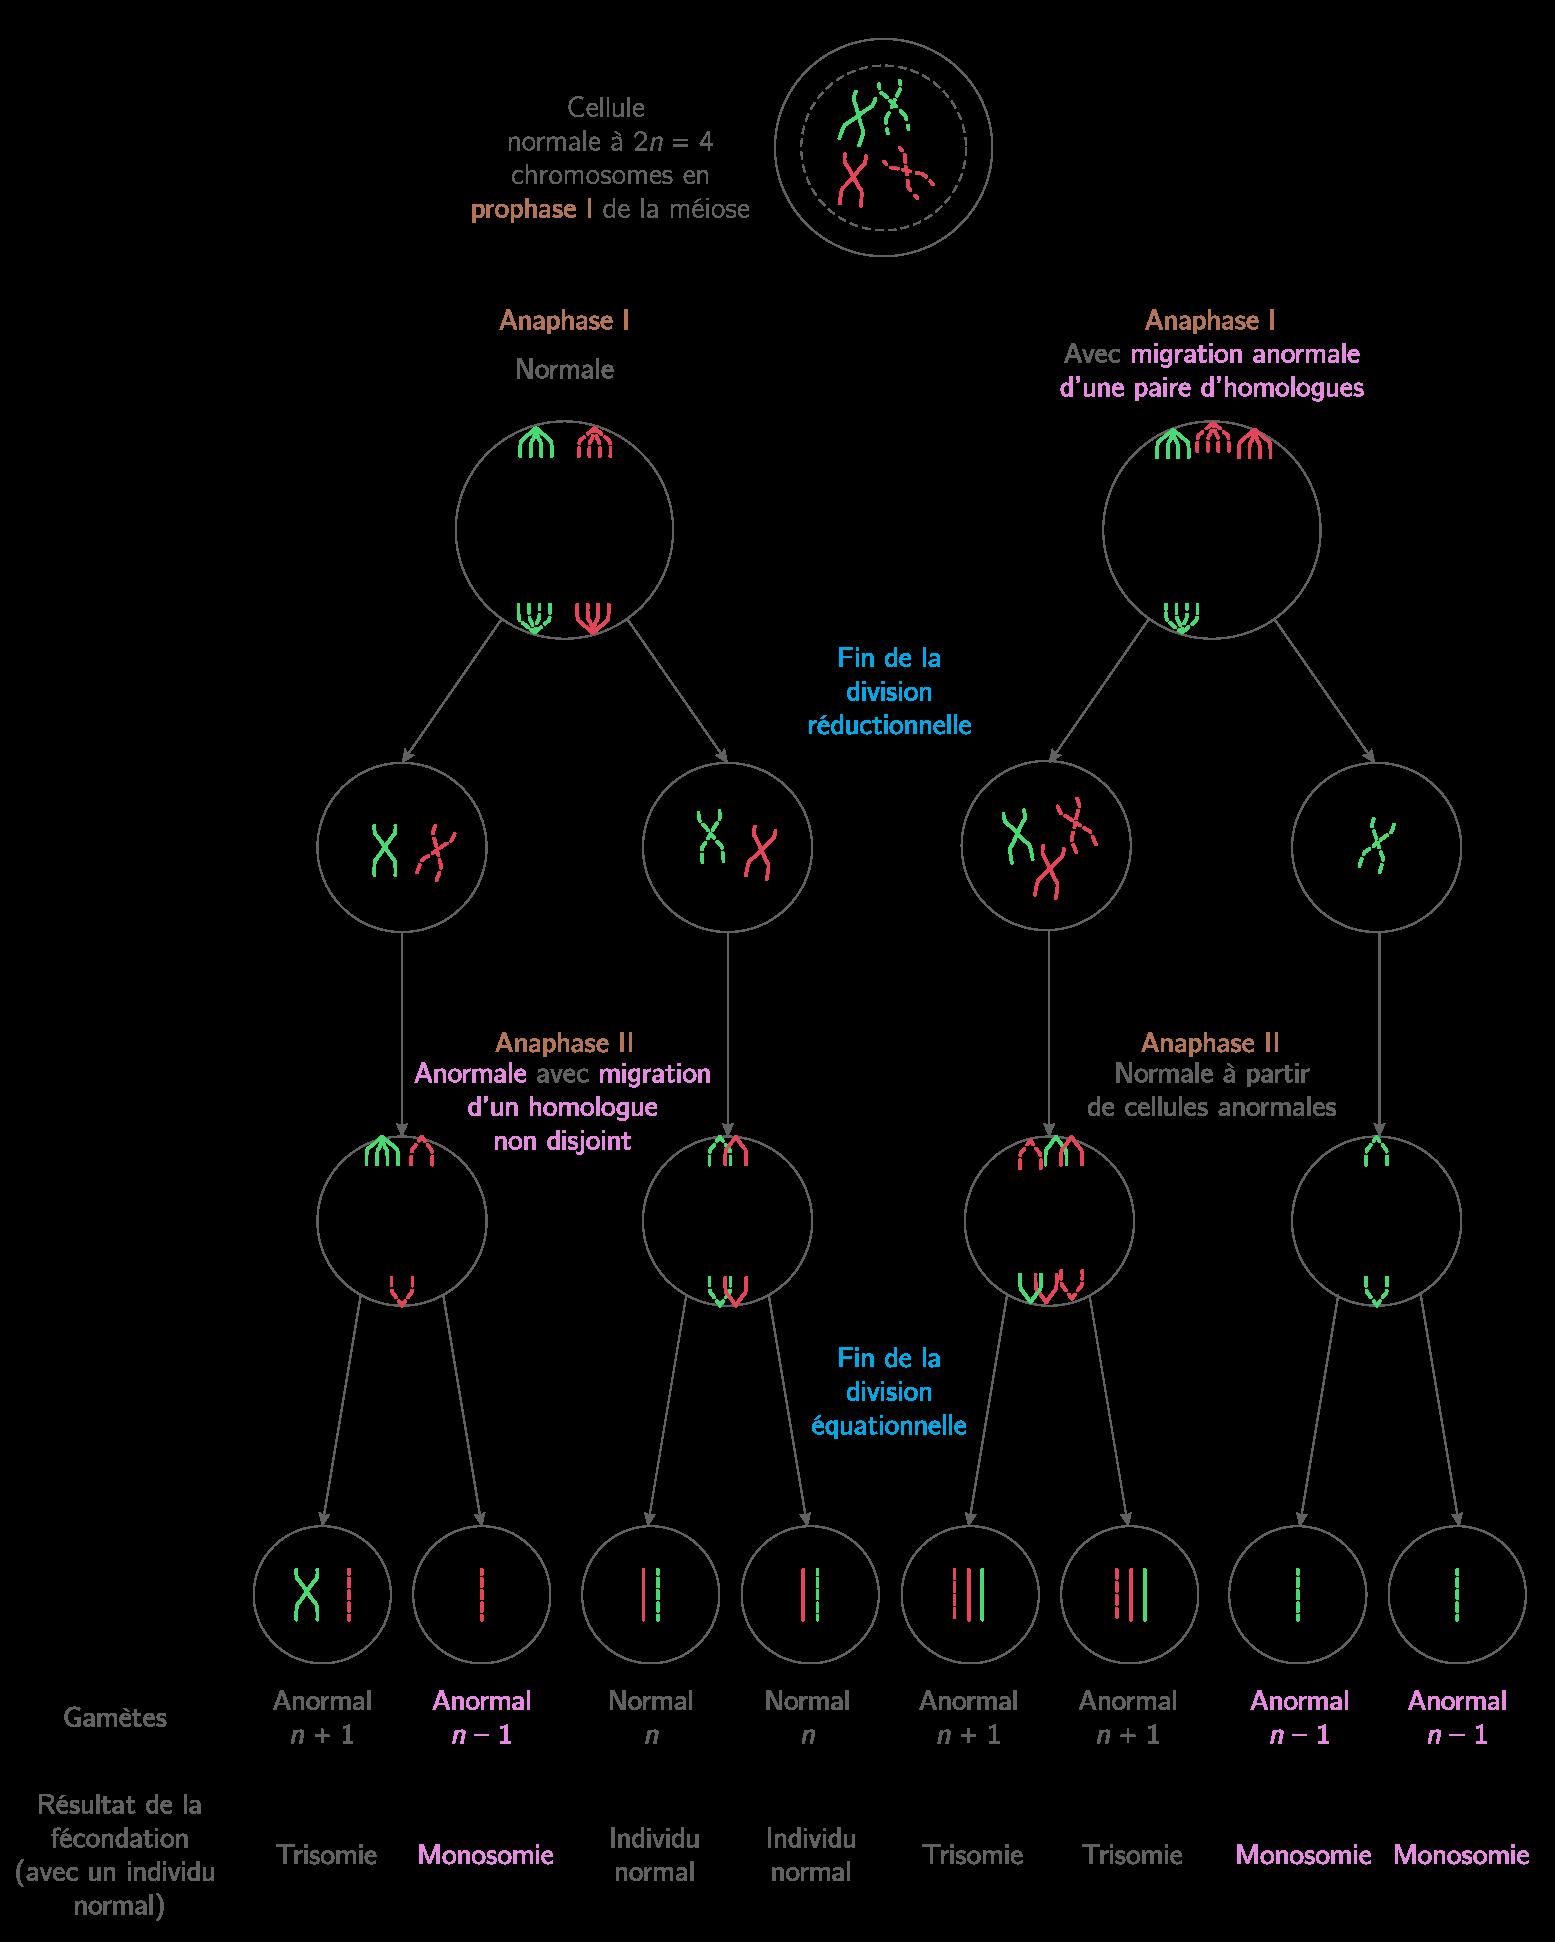 Mécanismes d'apparition des trisomies et des monosomies au cours de la méiose